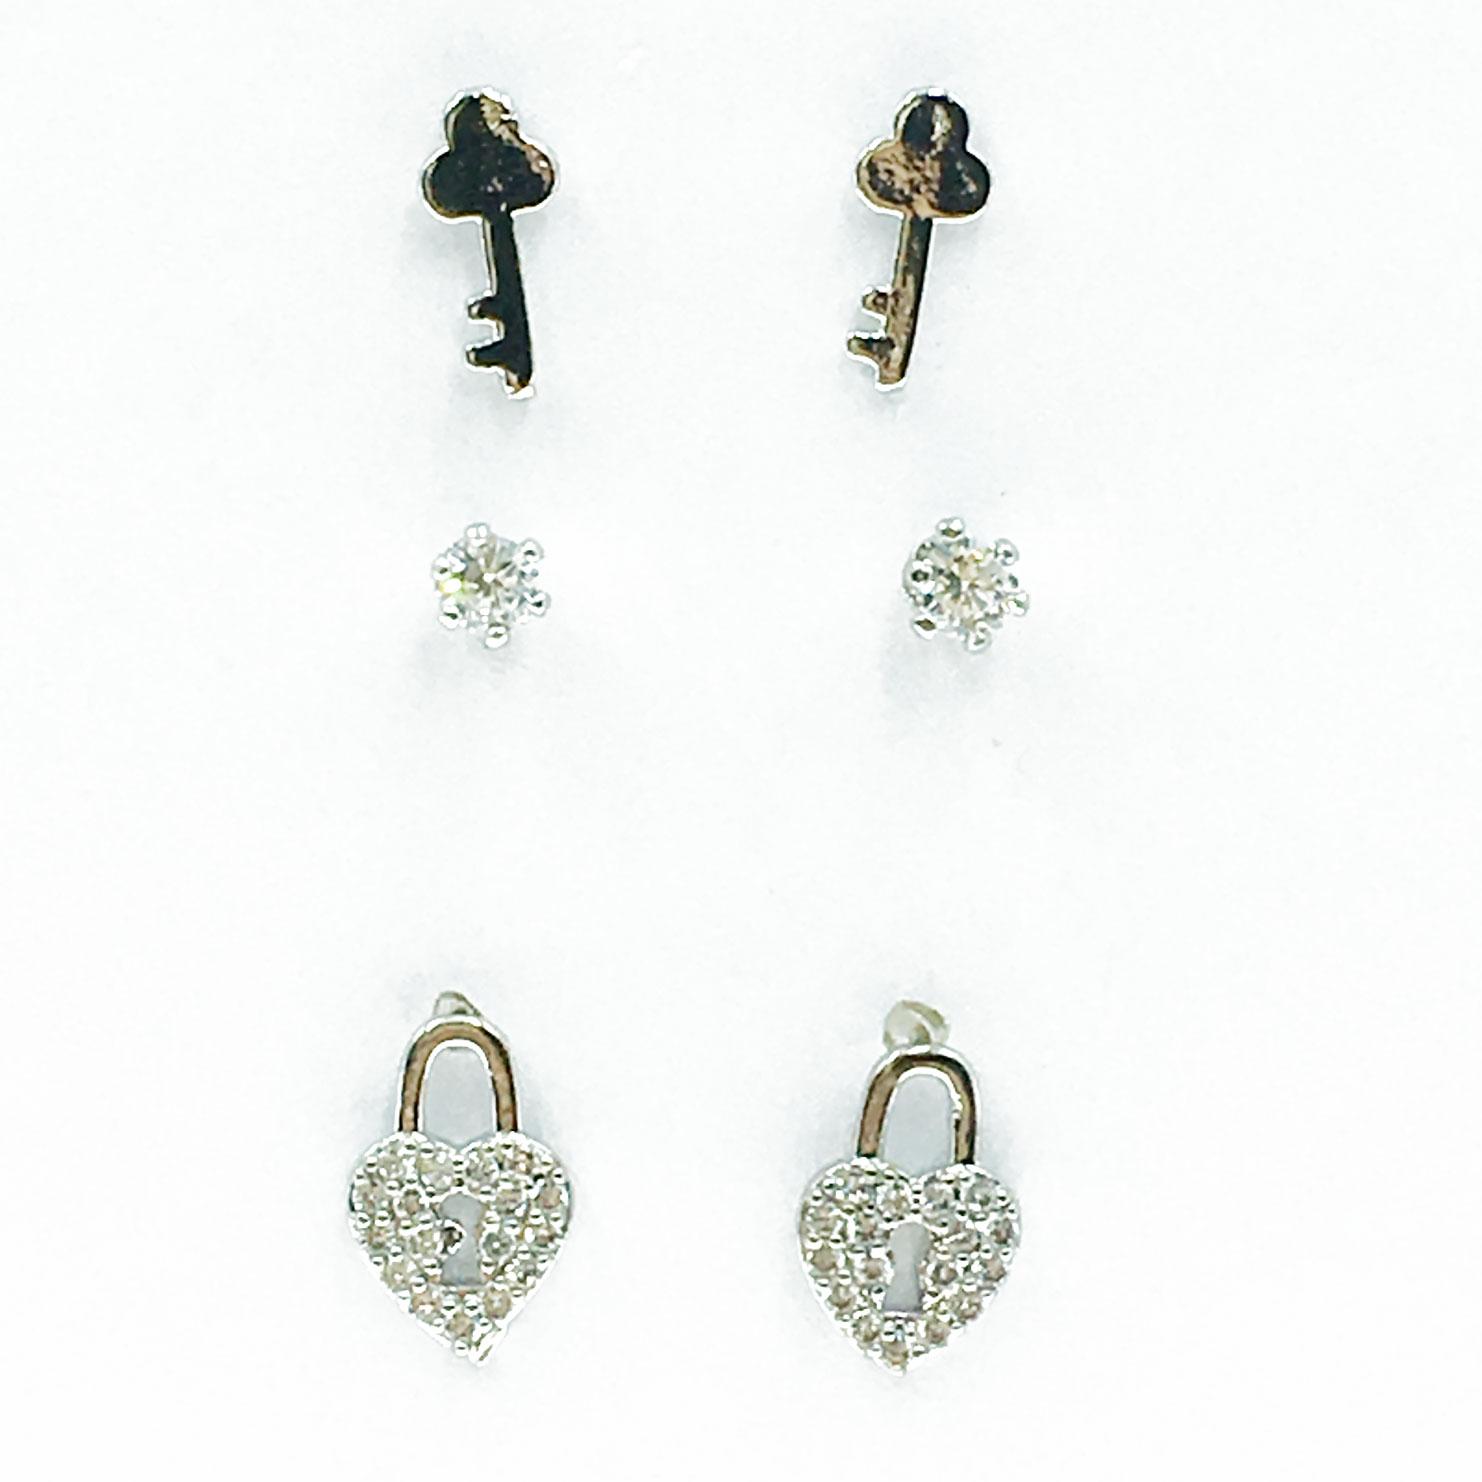 韓國 925純銀 水鑽 愛心 鑰匙 鎖 6入組 耳針式 耳環